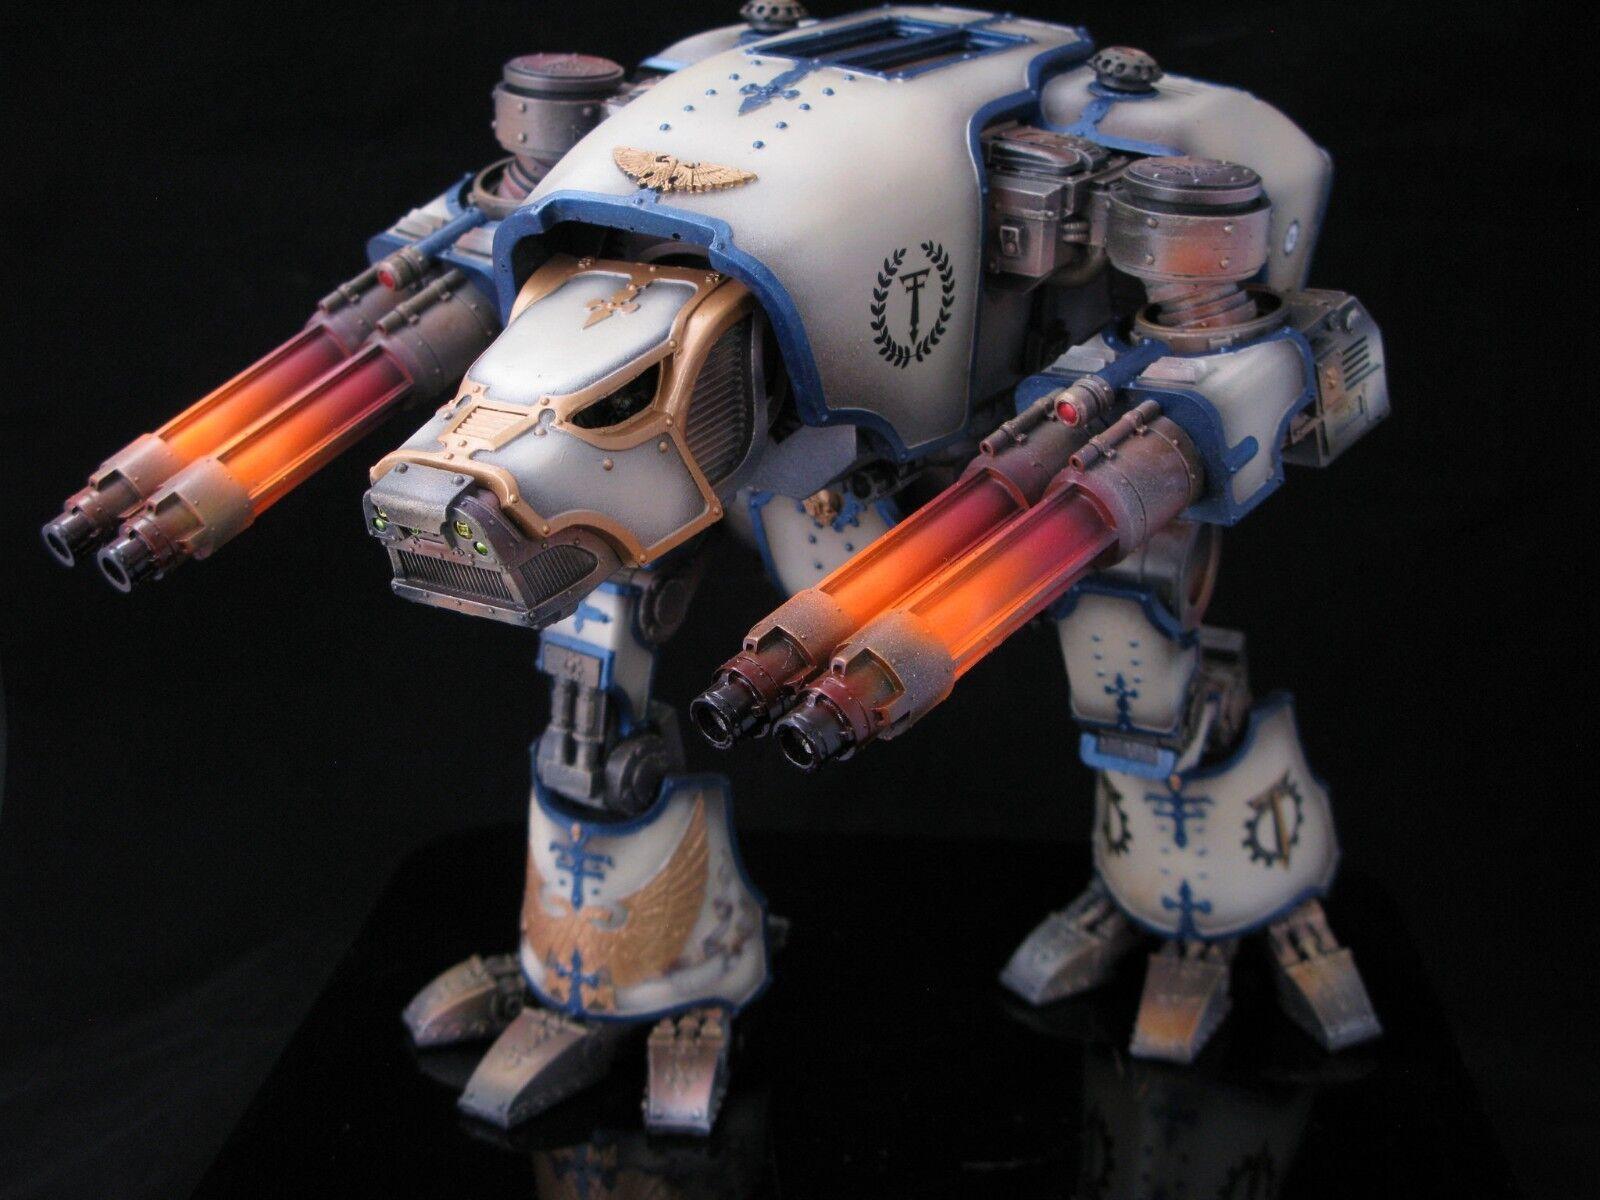 precio razonable Warhammer 30 40k forgeworld Warhound Titan Pro Pro Pro Pintado A Pedido  tienda de venta en línea